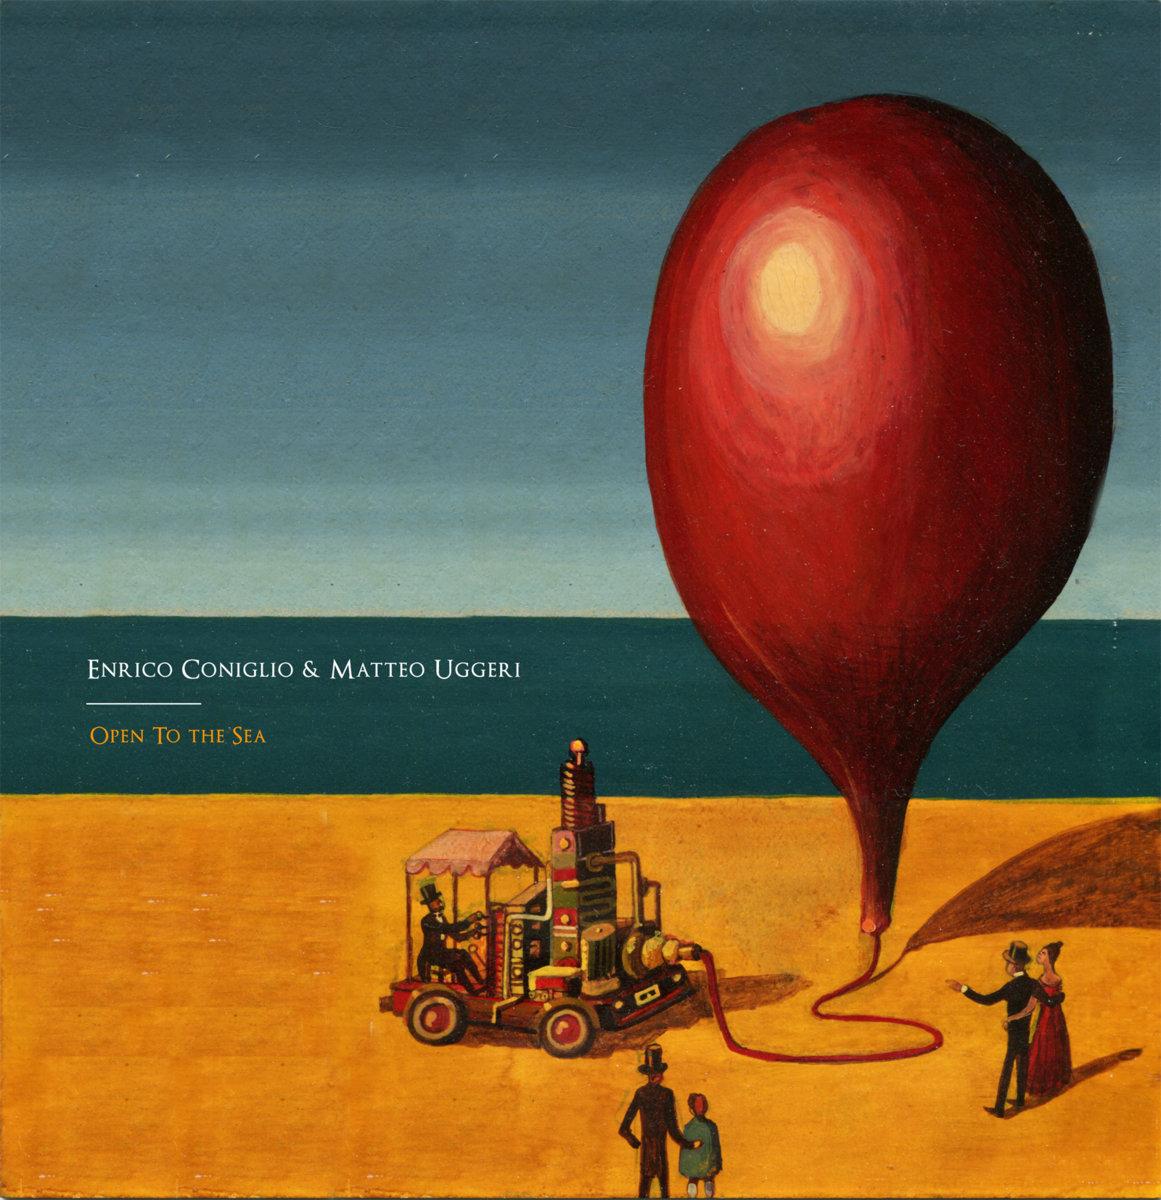 Enrico Coniglio & Matteo Uggeri 『Open To The Sea』 (Dronarivm)